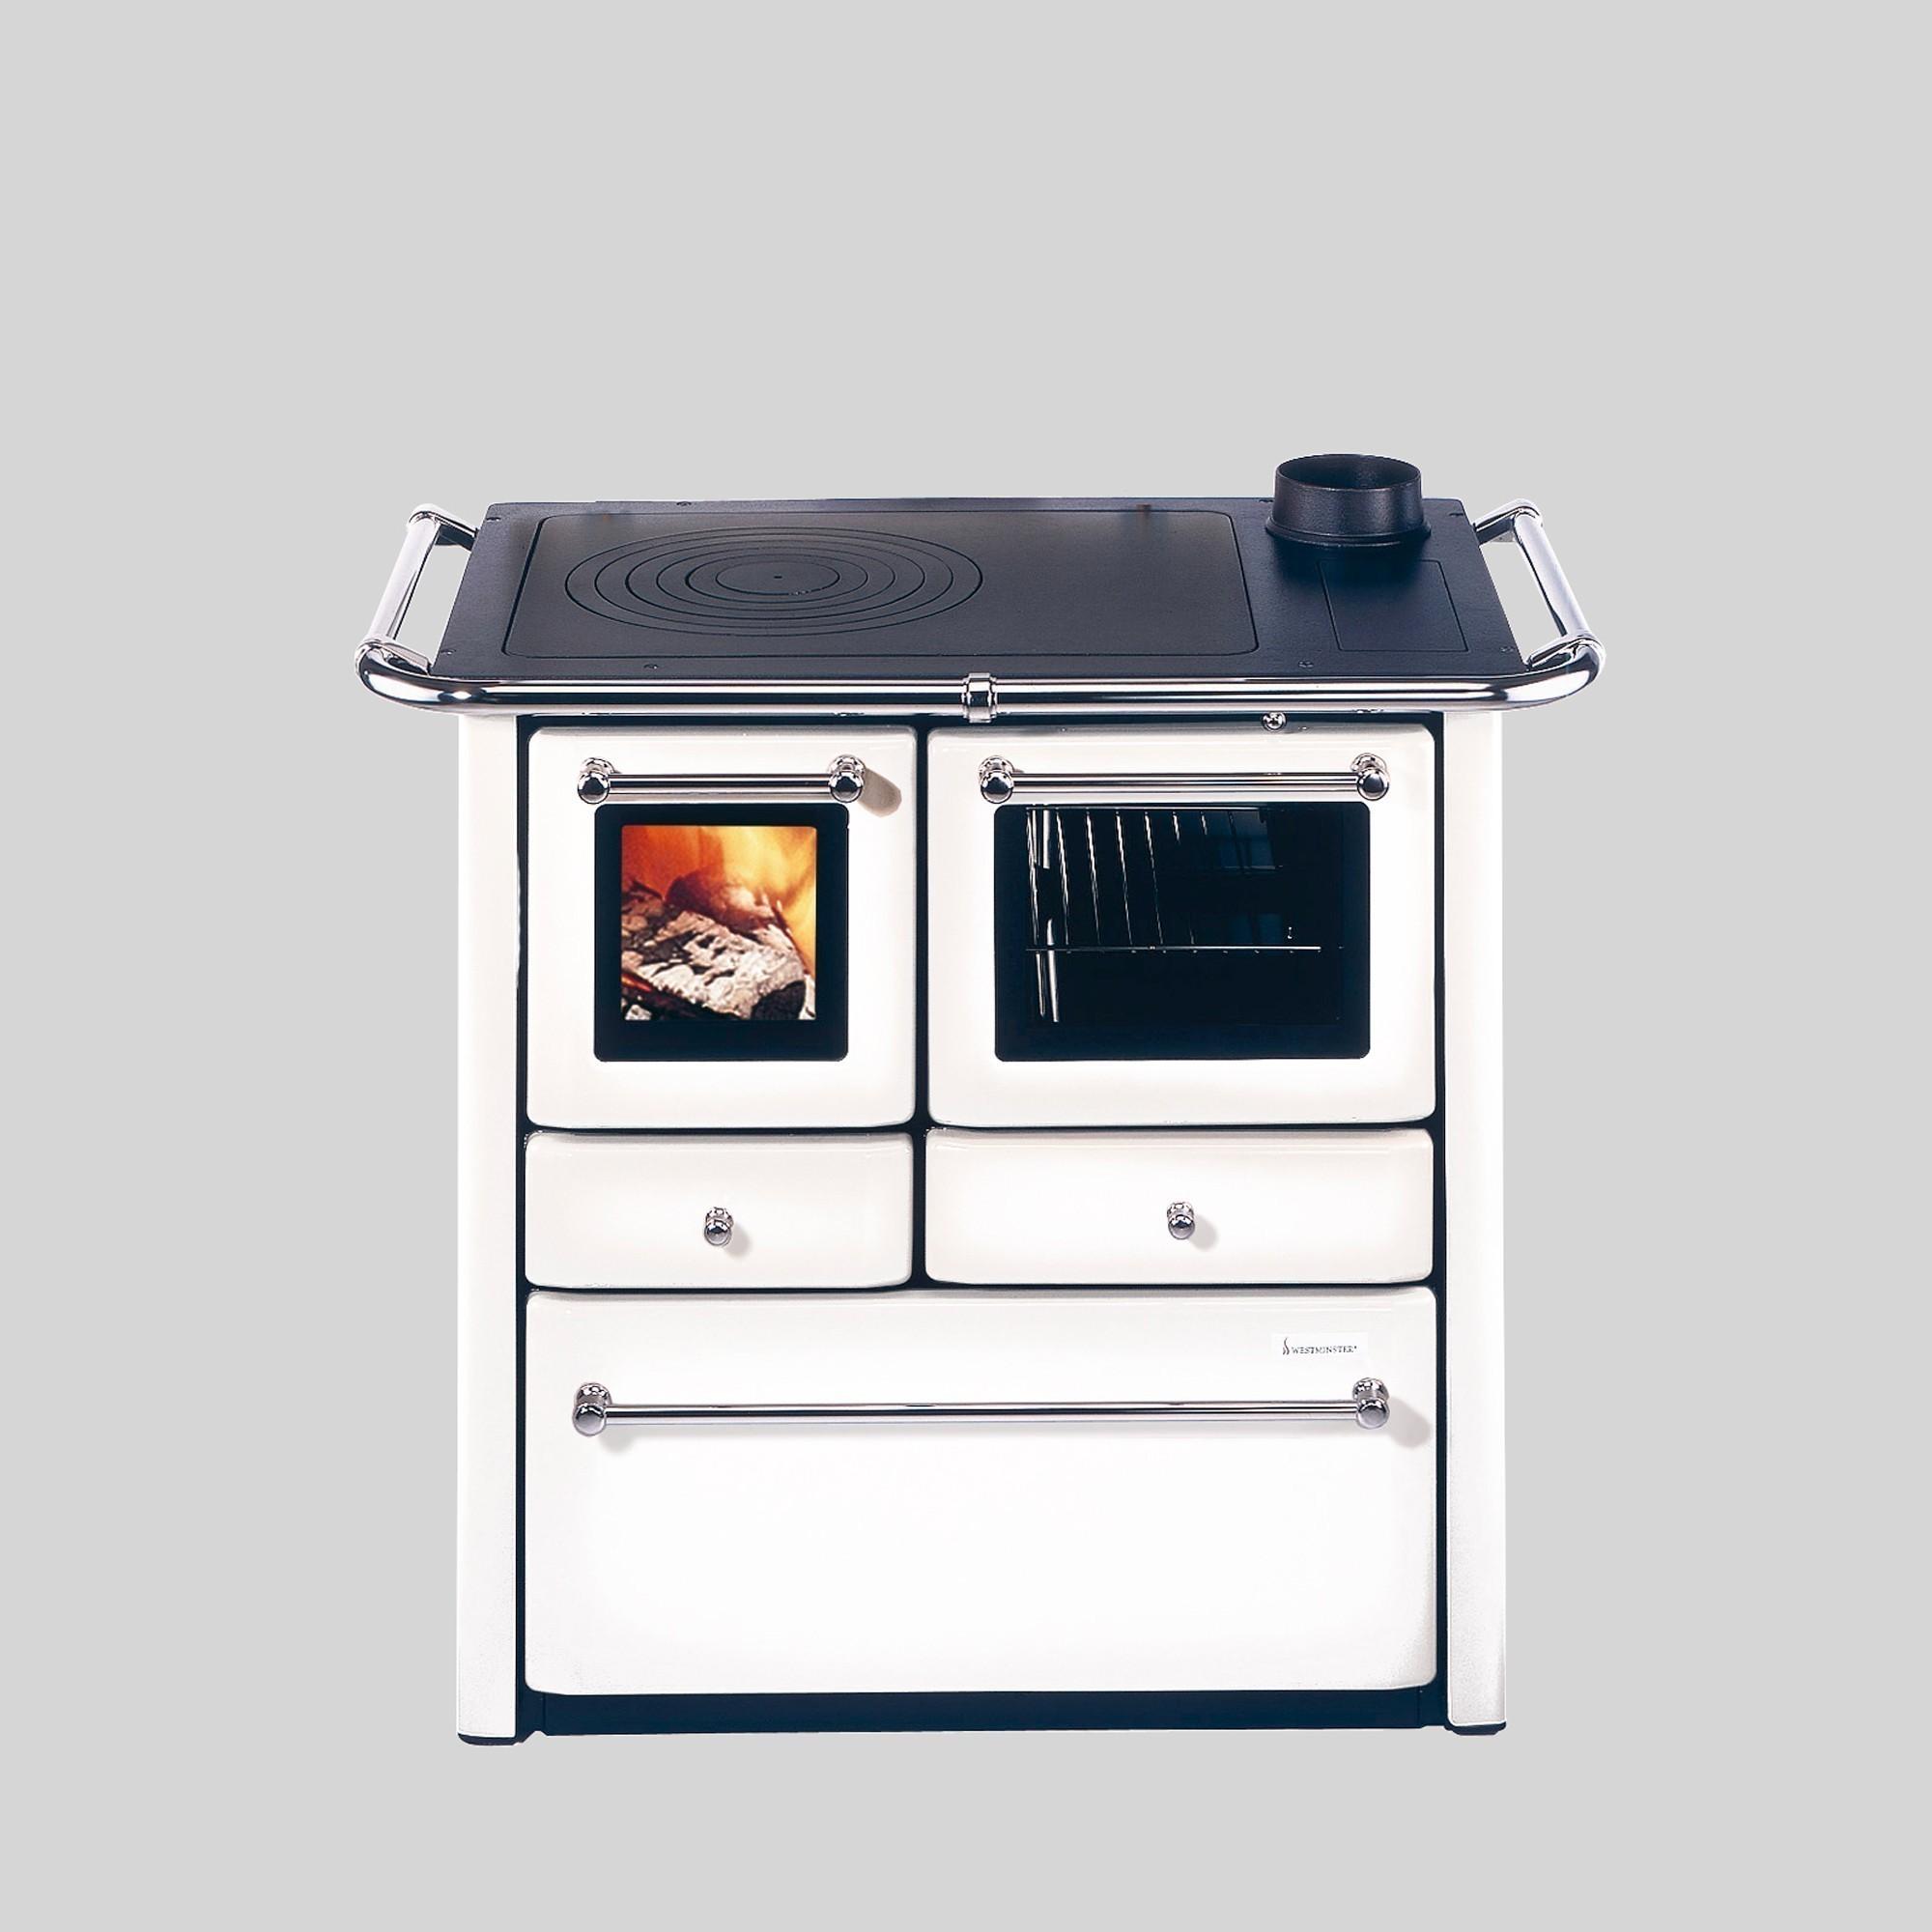 k chenherd westminster wamsler k185 f a wei gussfeld anschluss rechts bei. Black Bedroom Furniture Sets. Home Design Ideas